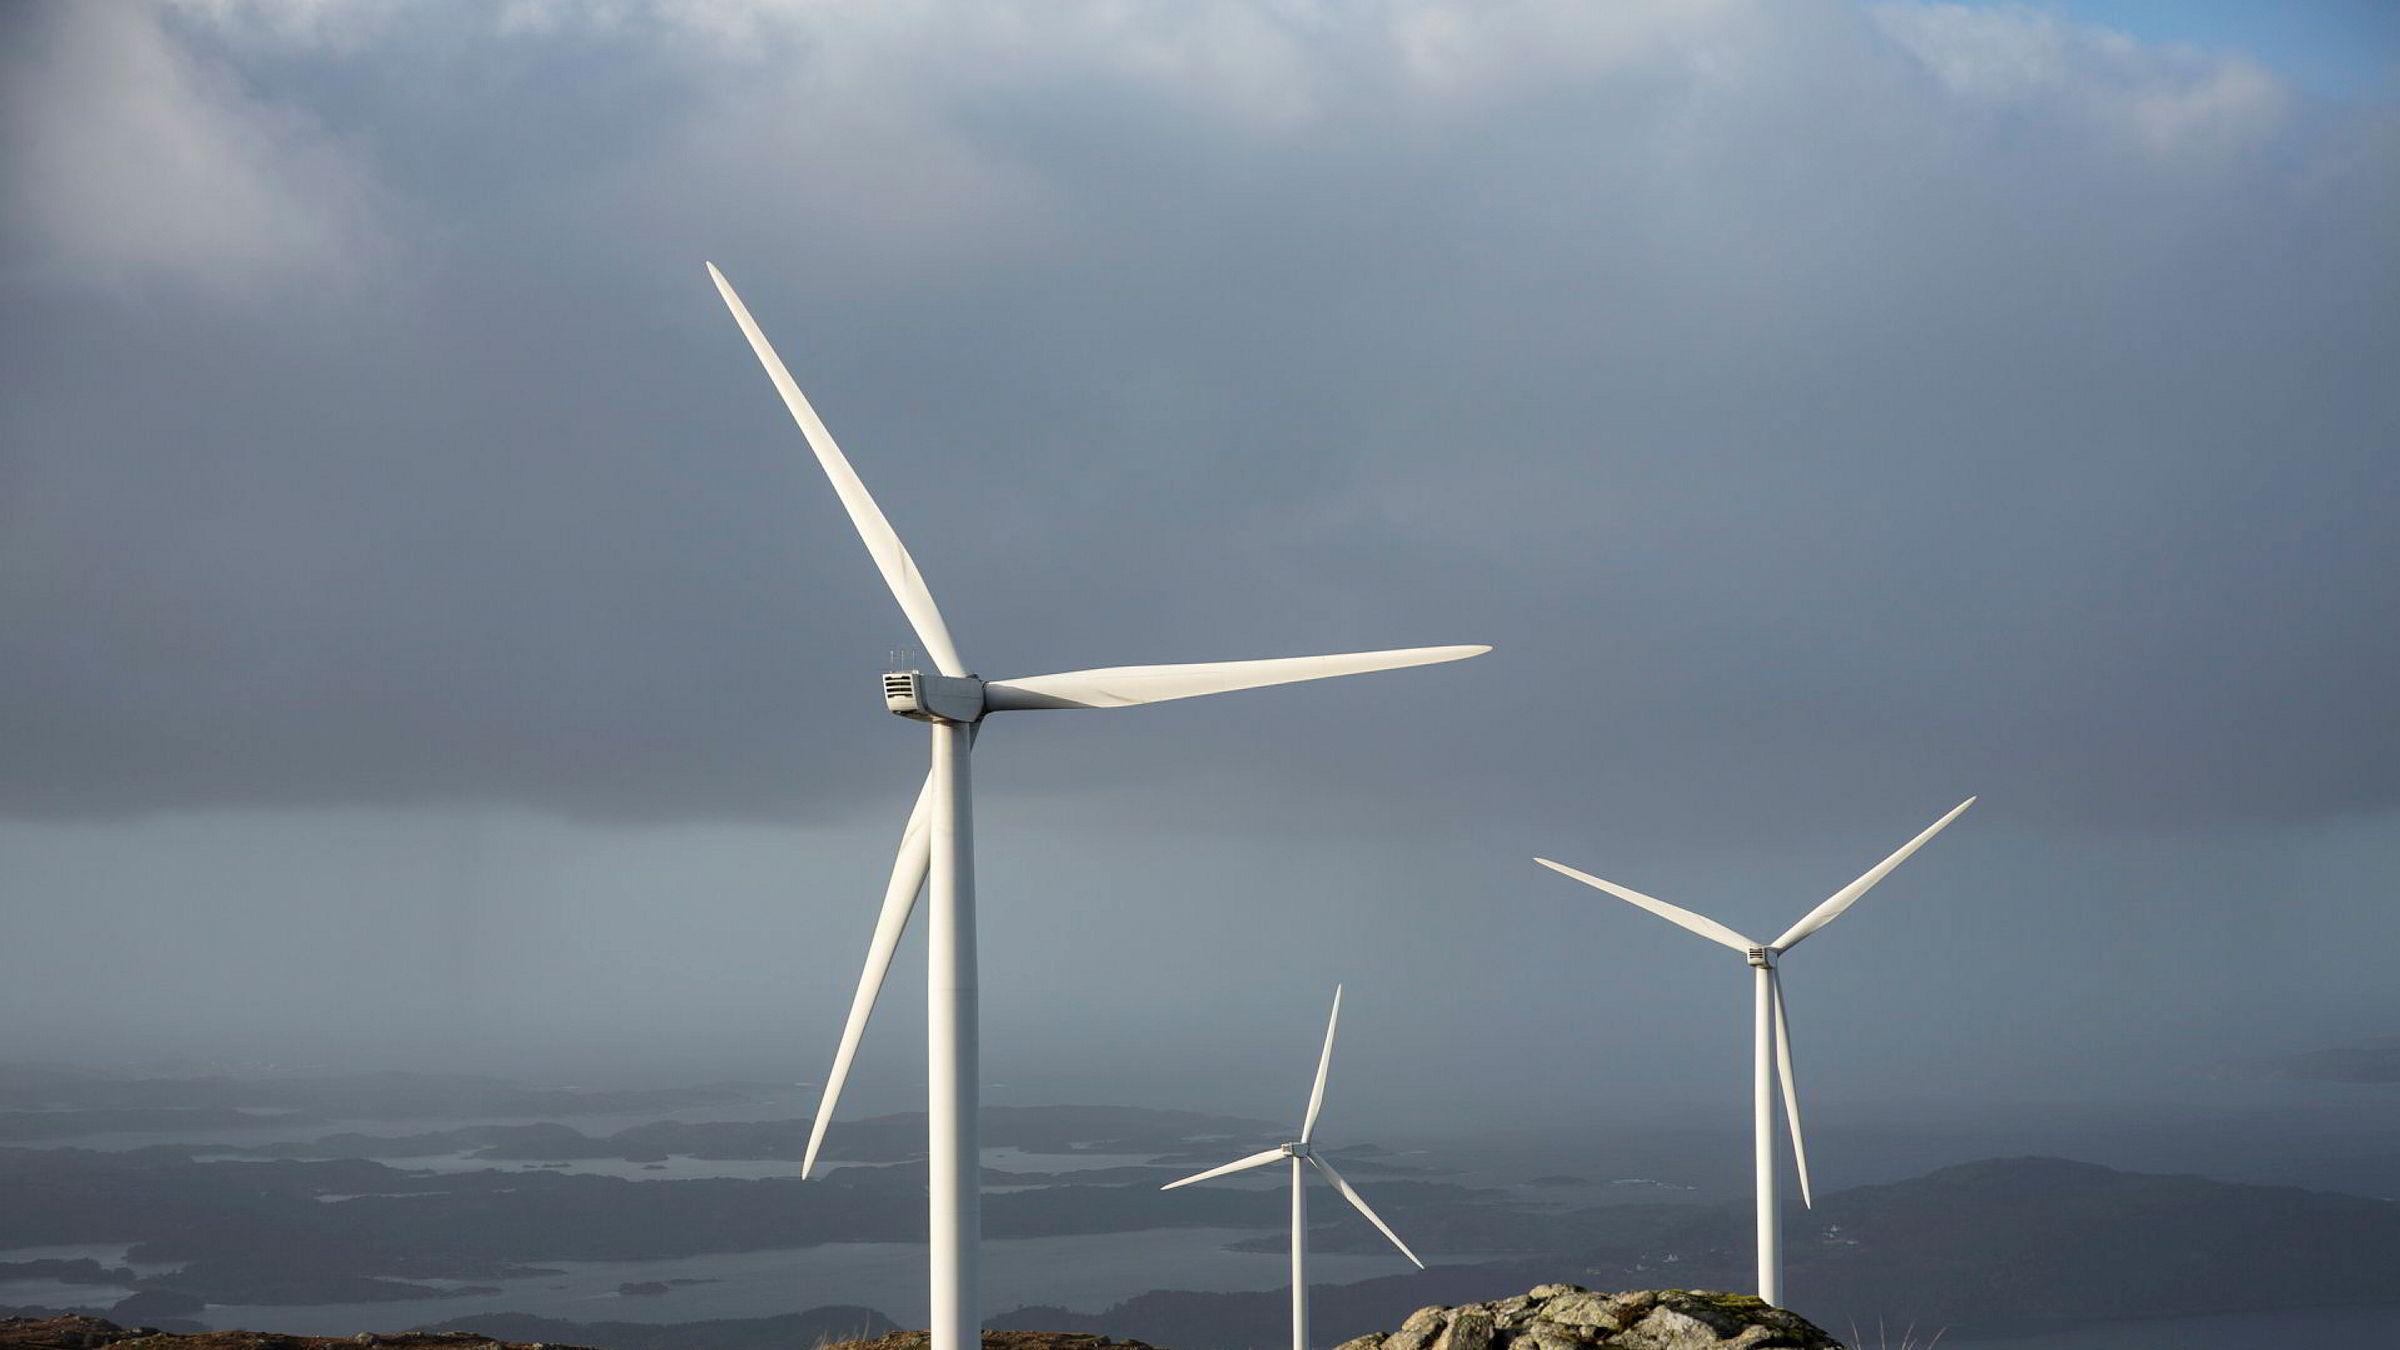 Midtfjellet vindpark på Fitjar har 55 vindturbiner og er fremdeles en av de største vindparkene i landet. Parken har vært i drift siden 2013.